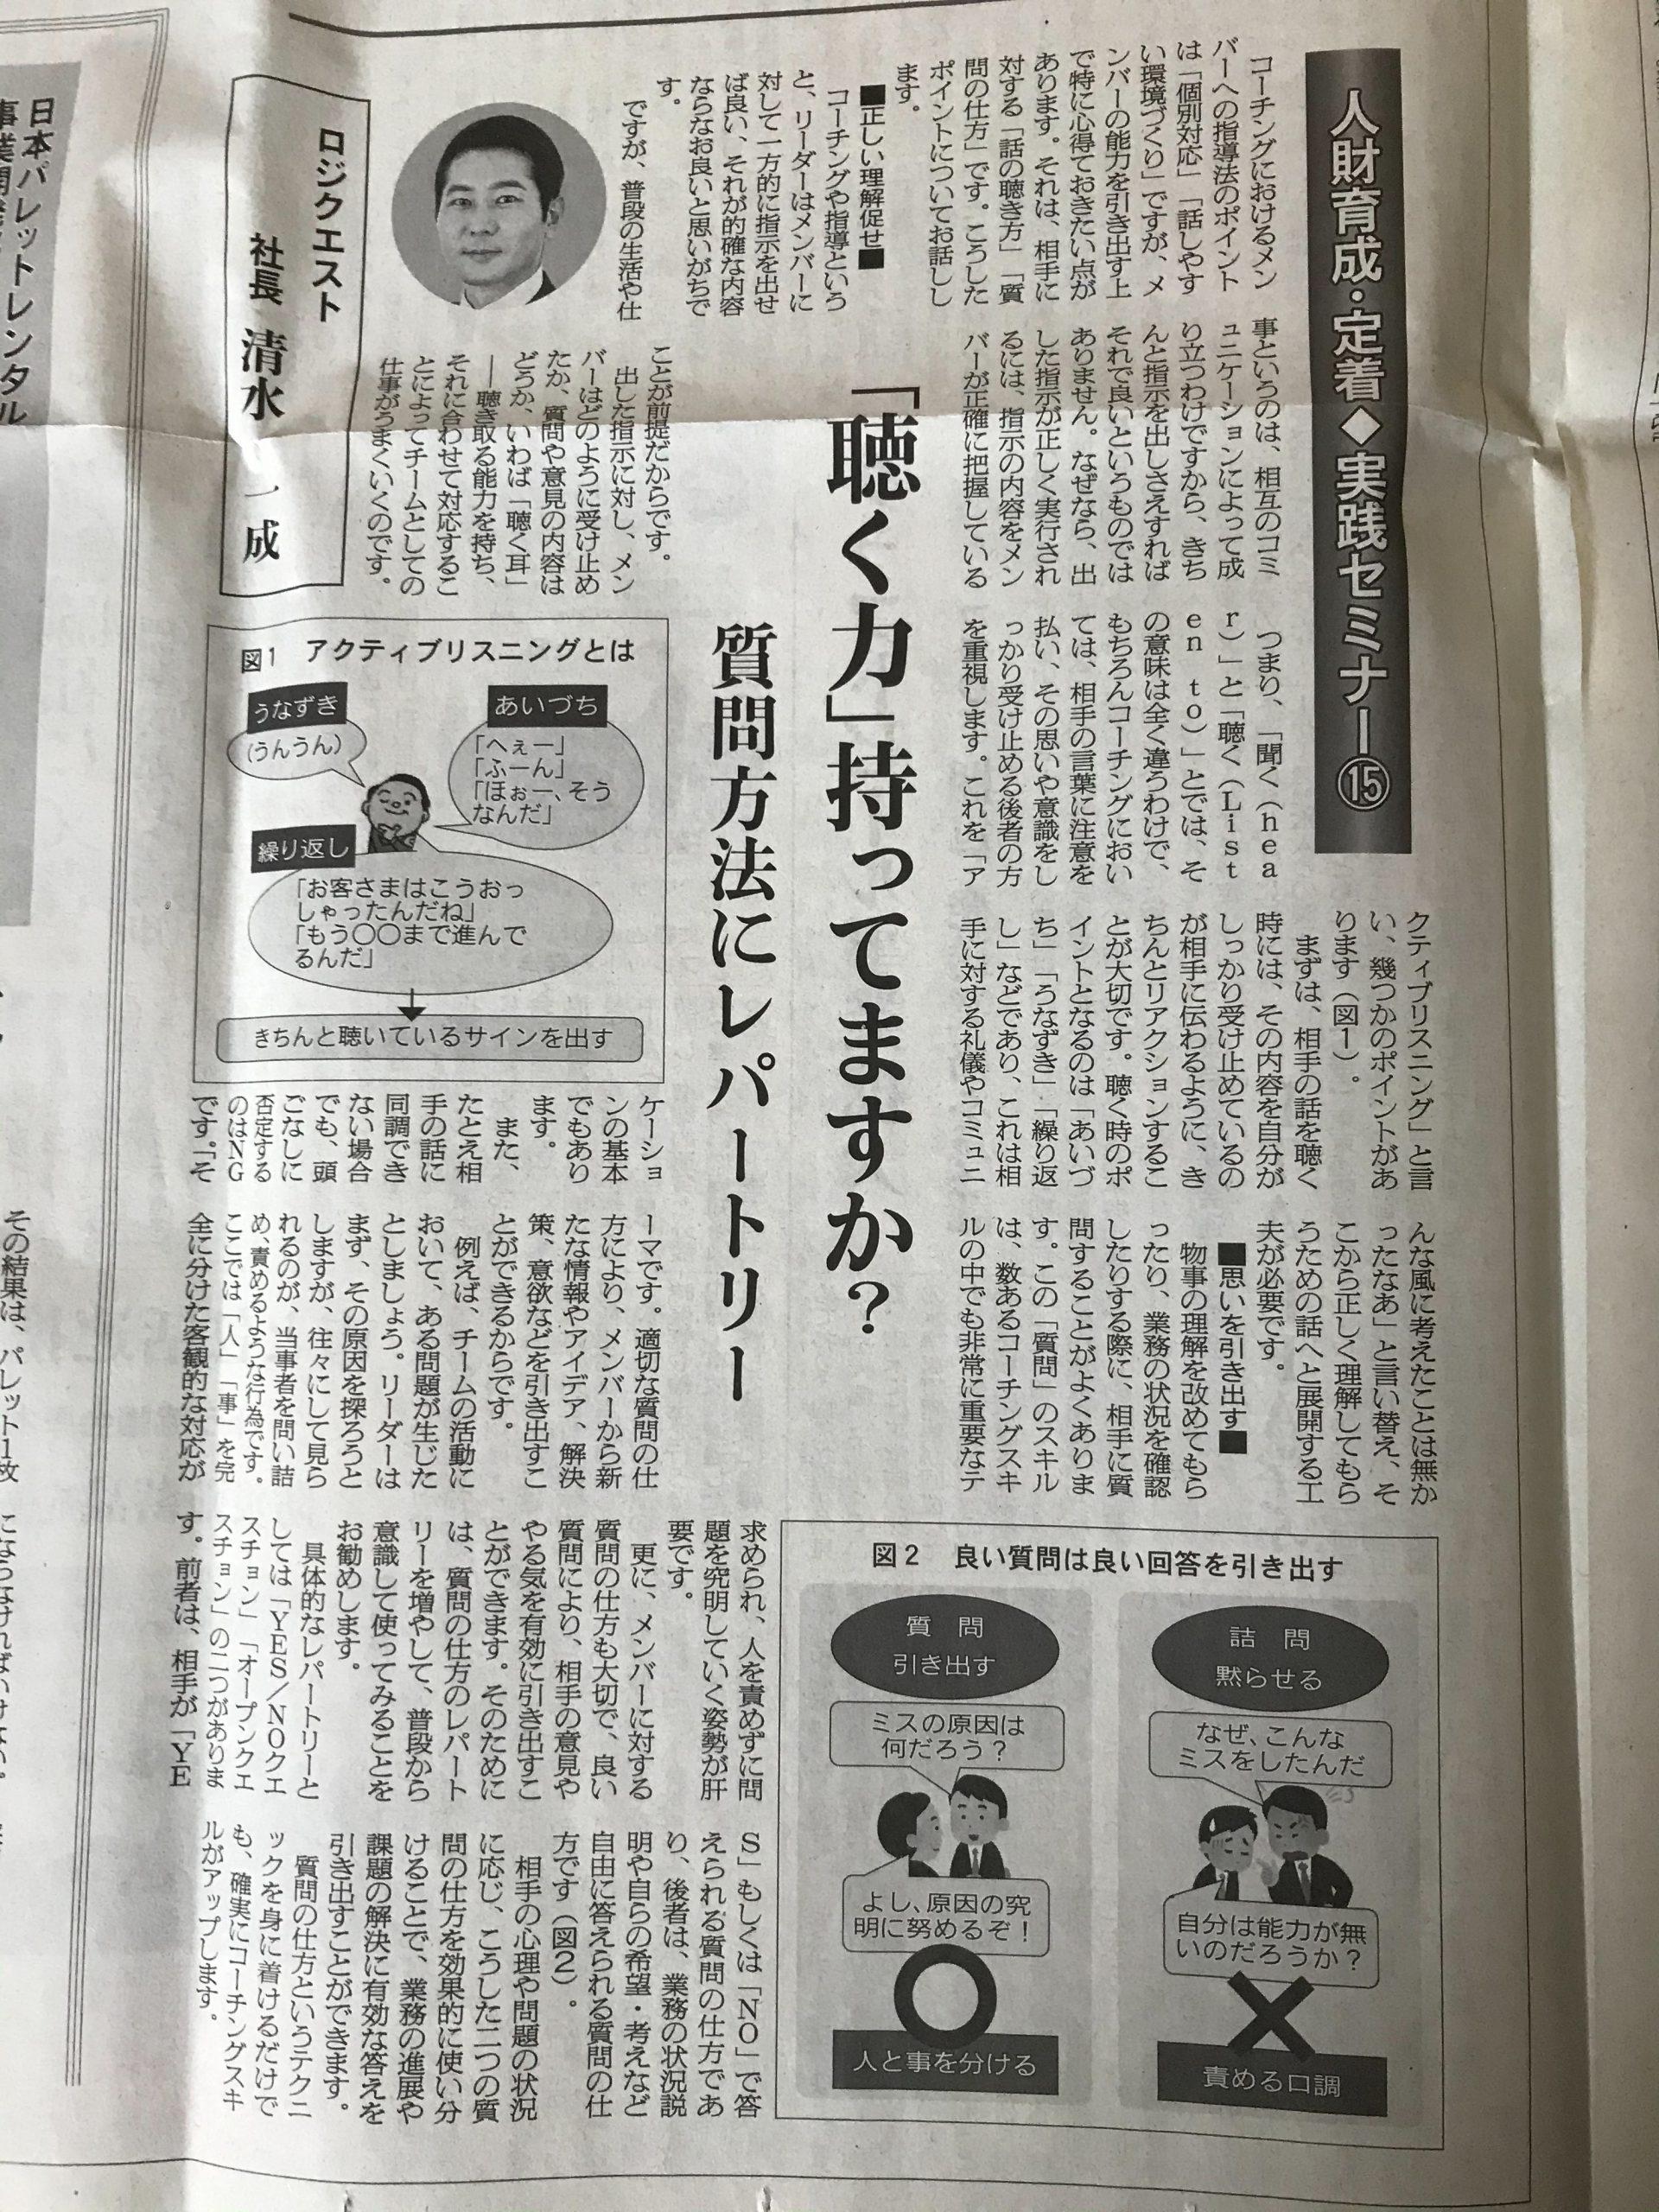 物流ニッポン 連載記事「人財育成・定着◆実践セミナー⑮ コーチング 聴く力 持っていますか?」